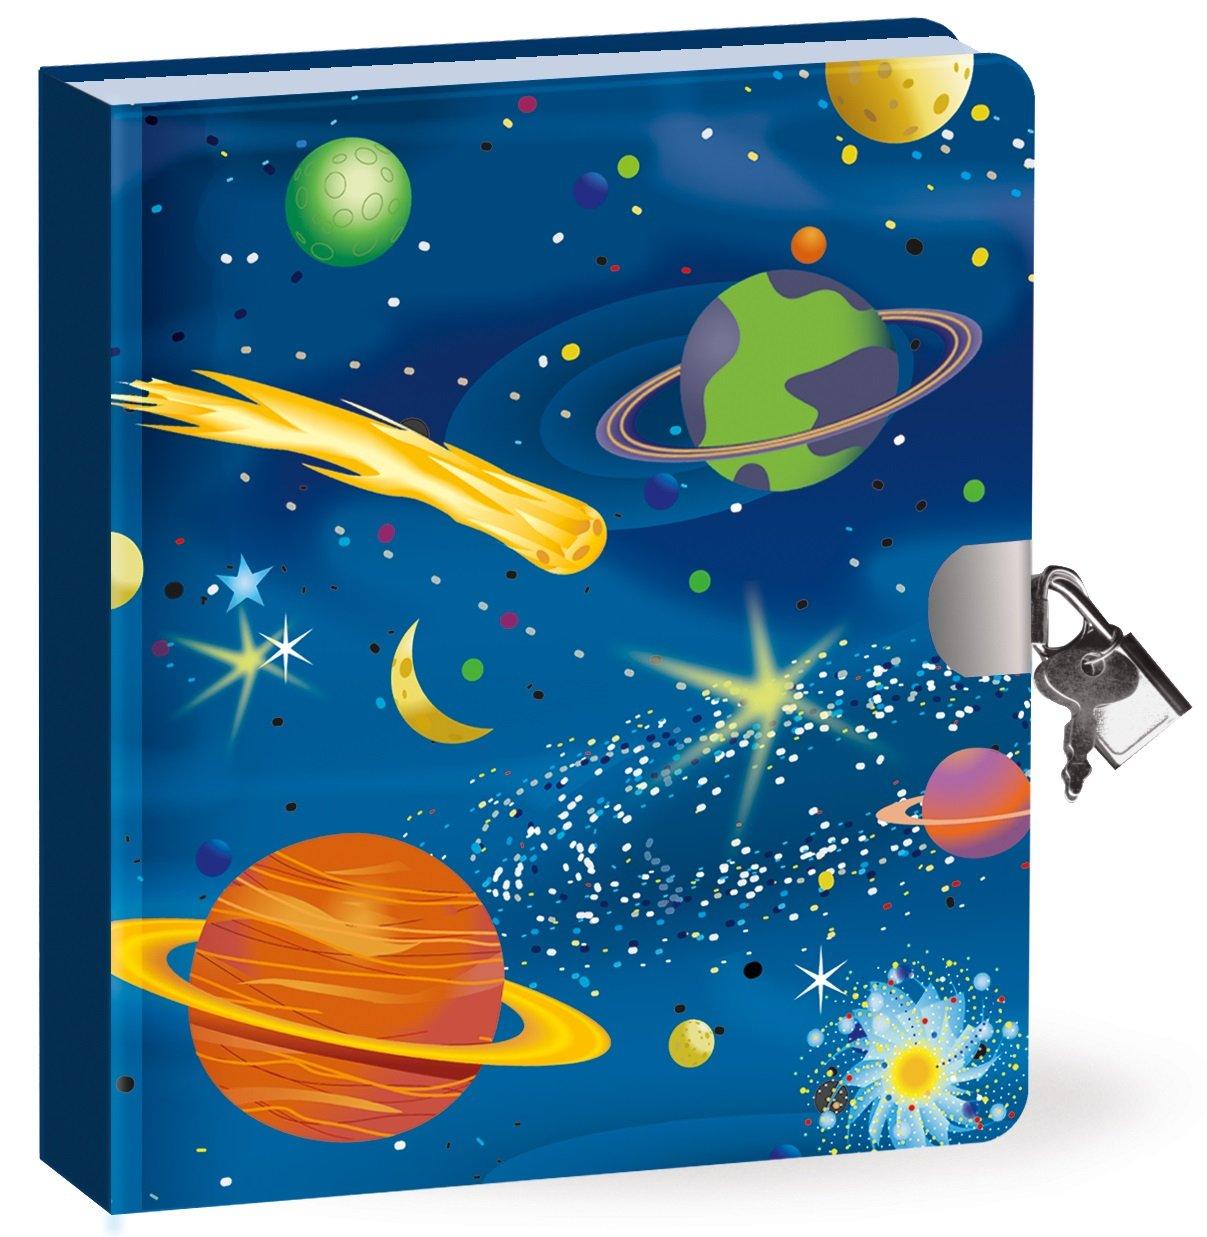 Geheimnis Tagebuch - Weltraum - leuchtet im Dunkeln - 200 Seiten mit Schloss und Schlüssel - Größe 160mm x 140mm Peaceable Kingdom 5165